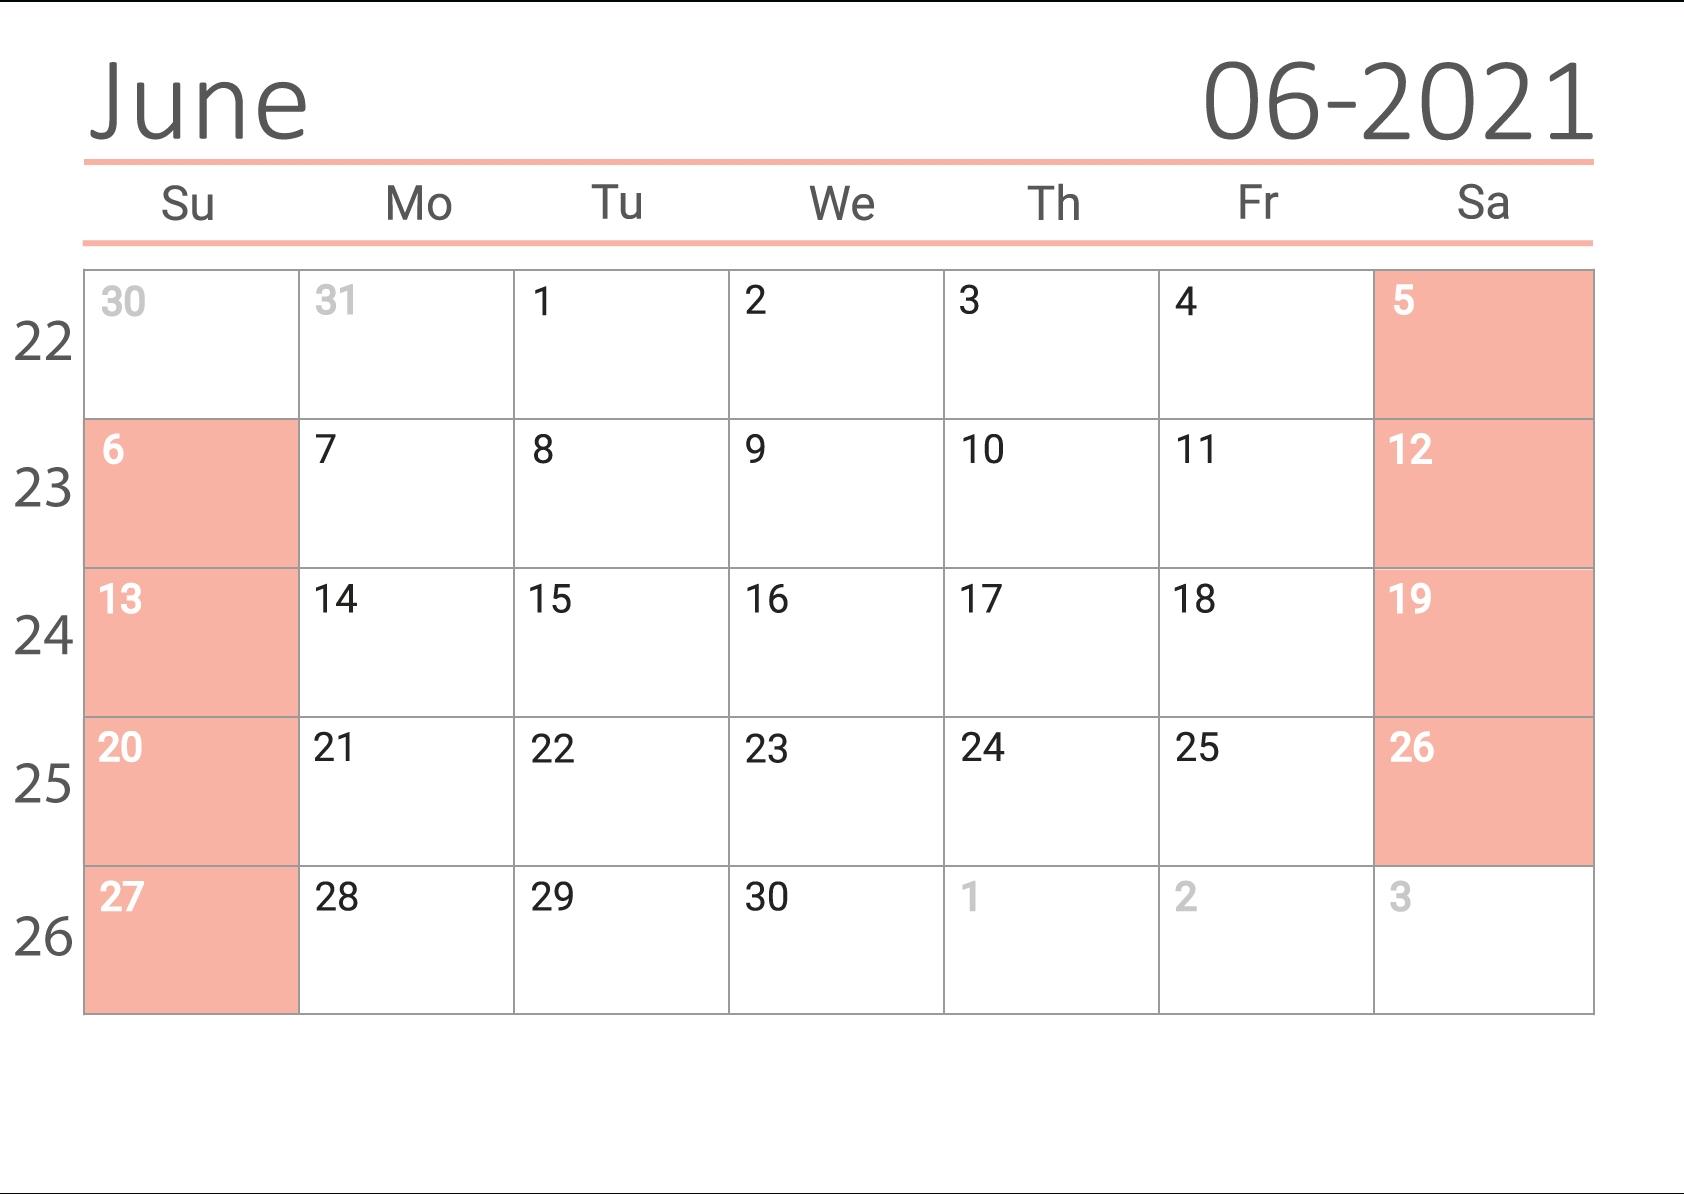 Free Download June 2021 Calendar Us June 2021 Calendar Kuda